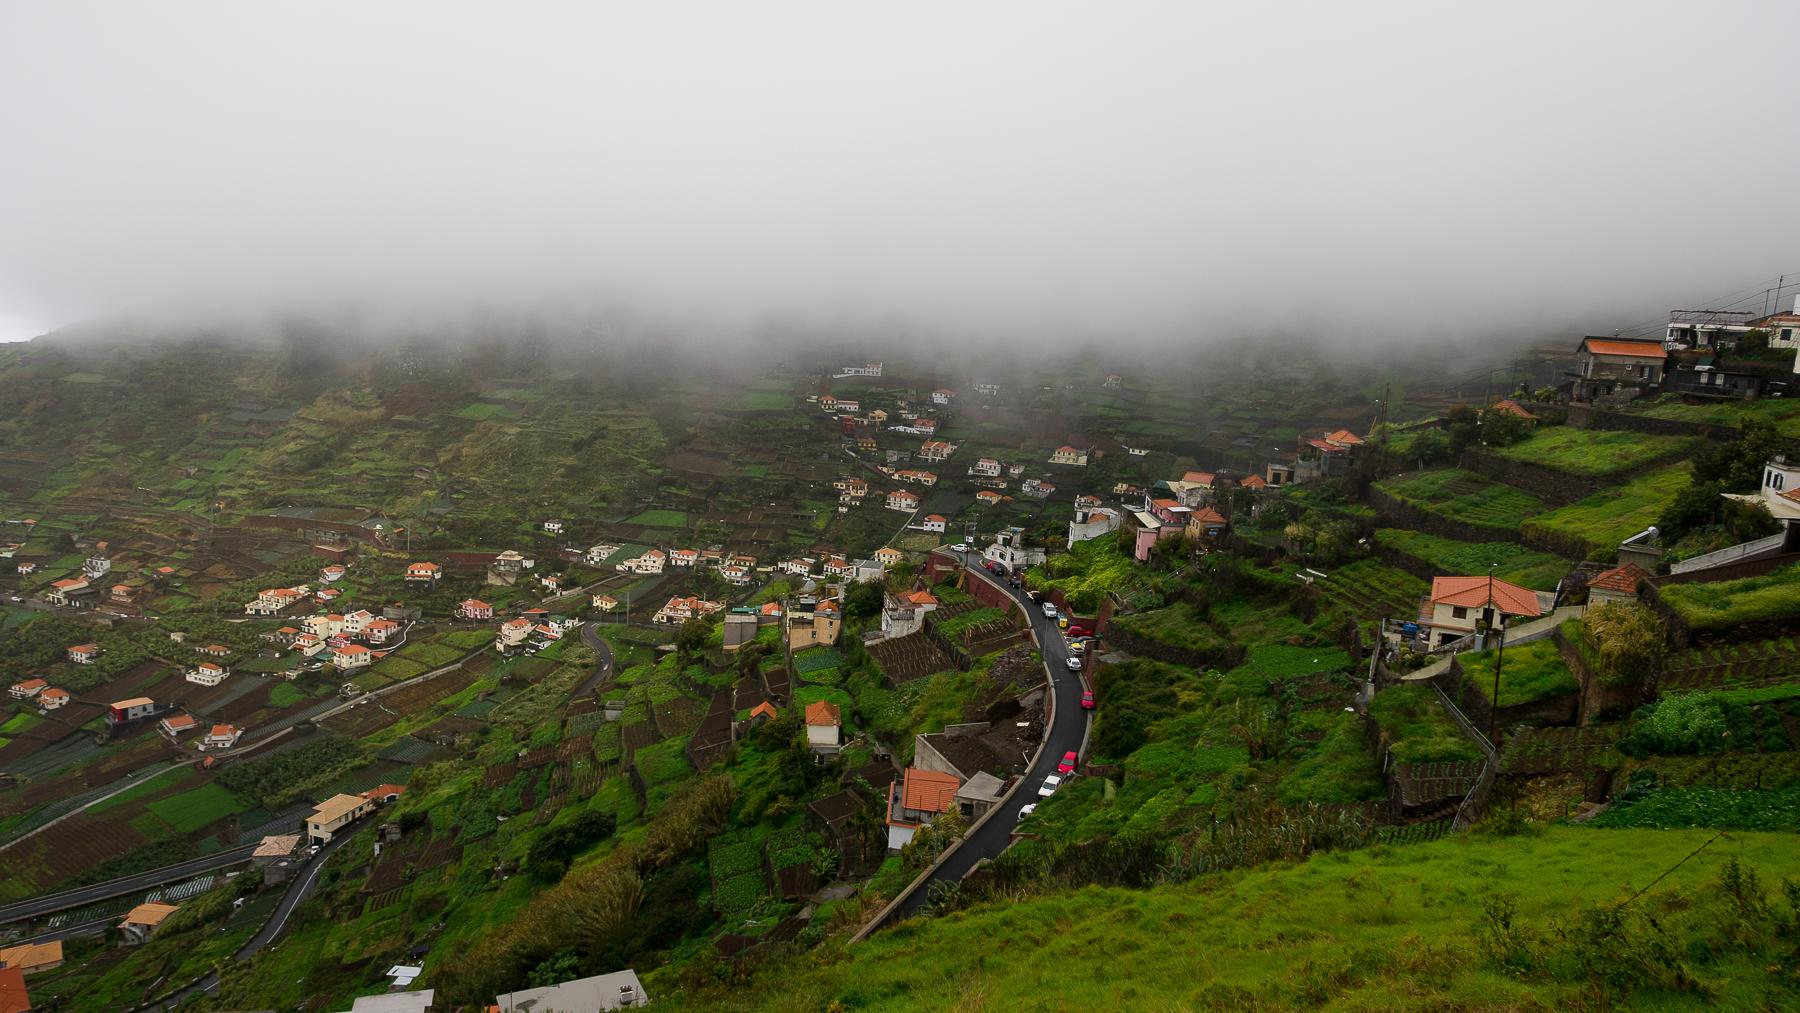 Dojazd Cabo Girao - drogi na Maderze